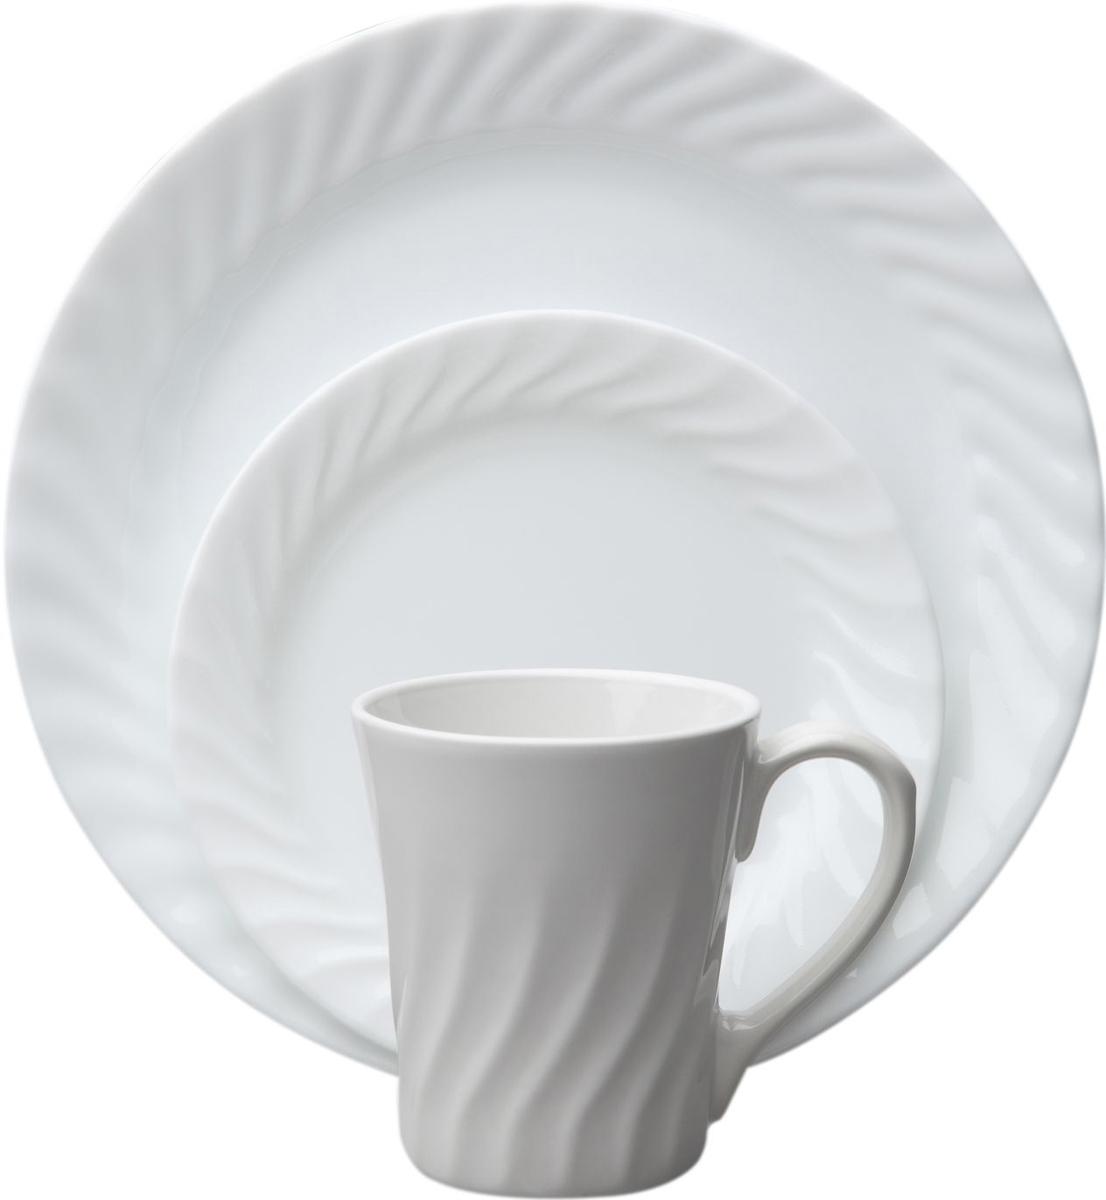 Набор посуды Corelle Enhancements, цвет: белый, 16 предметов. 10865241086524Преимуществами посуды Corelle являются долговечность, красота и безопасность в использовании. Вся посуда Corelle изготавливается из высококачественного ударопрочного трехслойного стекла Vitrelle и украшена деколями американских и европейских дизайнеров. Рисунки не стираются и не царапаются, не теряют свою яркость на протяжении многих лет. Посуда Corelle не впитывает запахов и очень долгое время выглядит как новая. Уникальная эмаль, используемая во время декорирования, фактически становится единым целым с поверхностью стекла, что гарантирует долгое сохранение нанесенного рисунка. Еще одним из главных преимуществ посуды Corelle является ее безопасность. В производстве используются только безопасные для пищи пигменты эмали, при производстве посуды не применяется вредный для здоровья человека меламин. Изделия из материала Vitrelle: Прочные и легкие; Выдерживают температуру до 180С; Могут использоваться в посудомоечной машине и микроволновой печи; Штабелируемые; Устойчивы к царапинам; Ударопрочные; Не содержит меламин.4 обеденные тарелки 26 см; 4 десертные тарелки 18 см; 4 суповые тарелки 530 мл; 4 фарфоровые кружки 270 мл